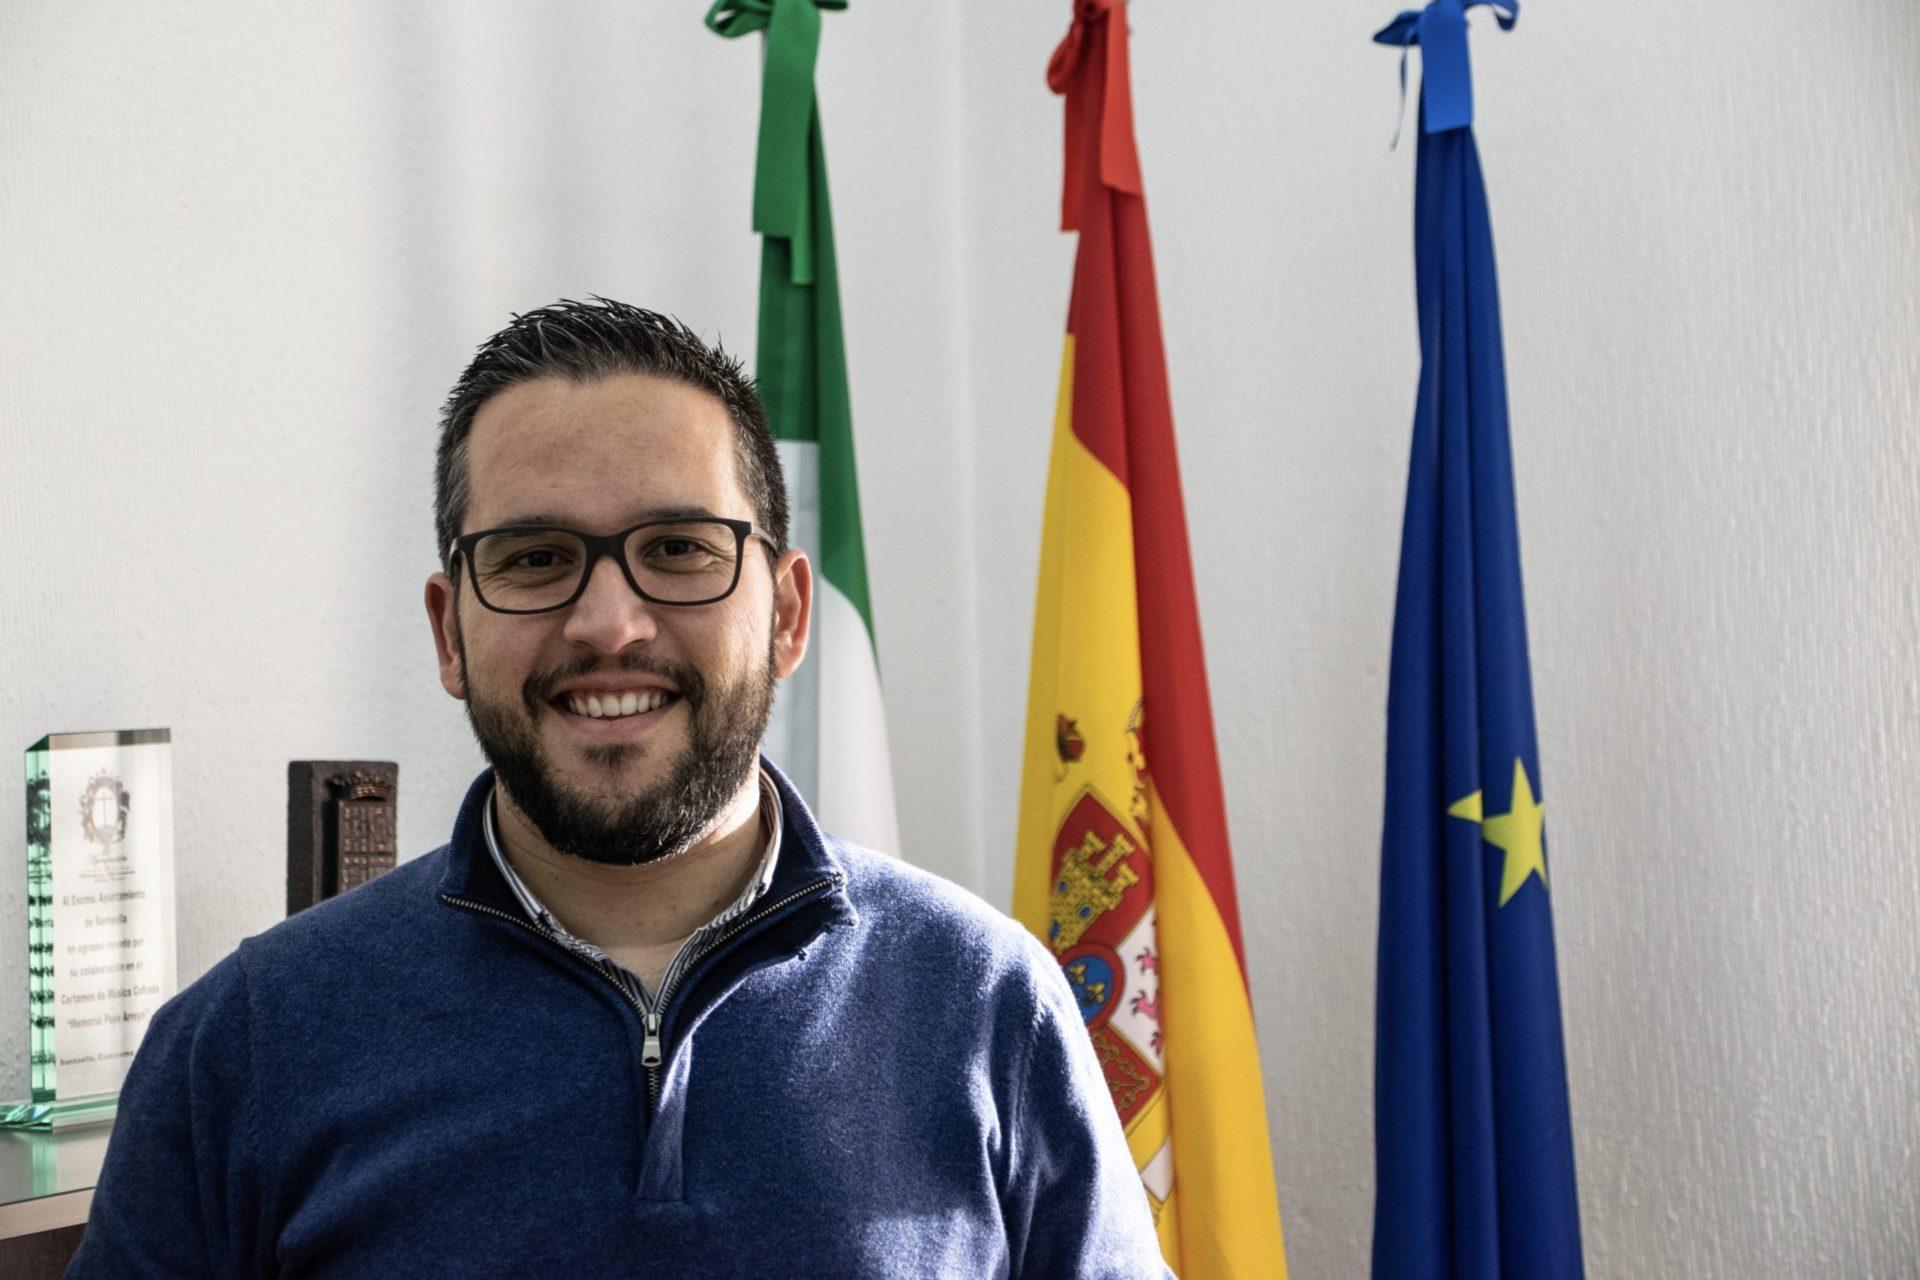 Fotografía del alcalde